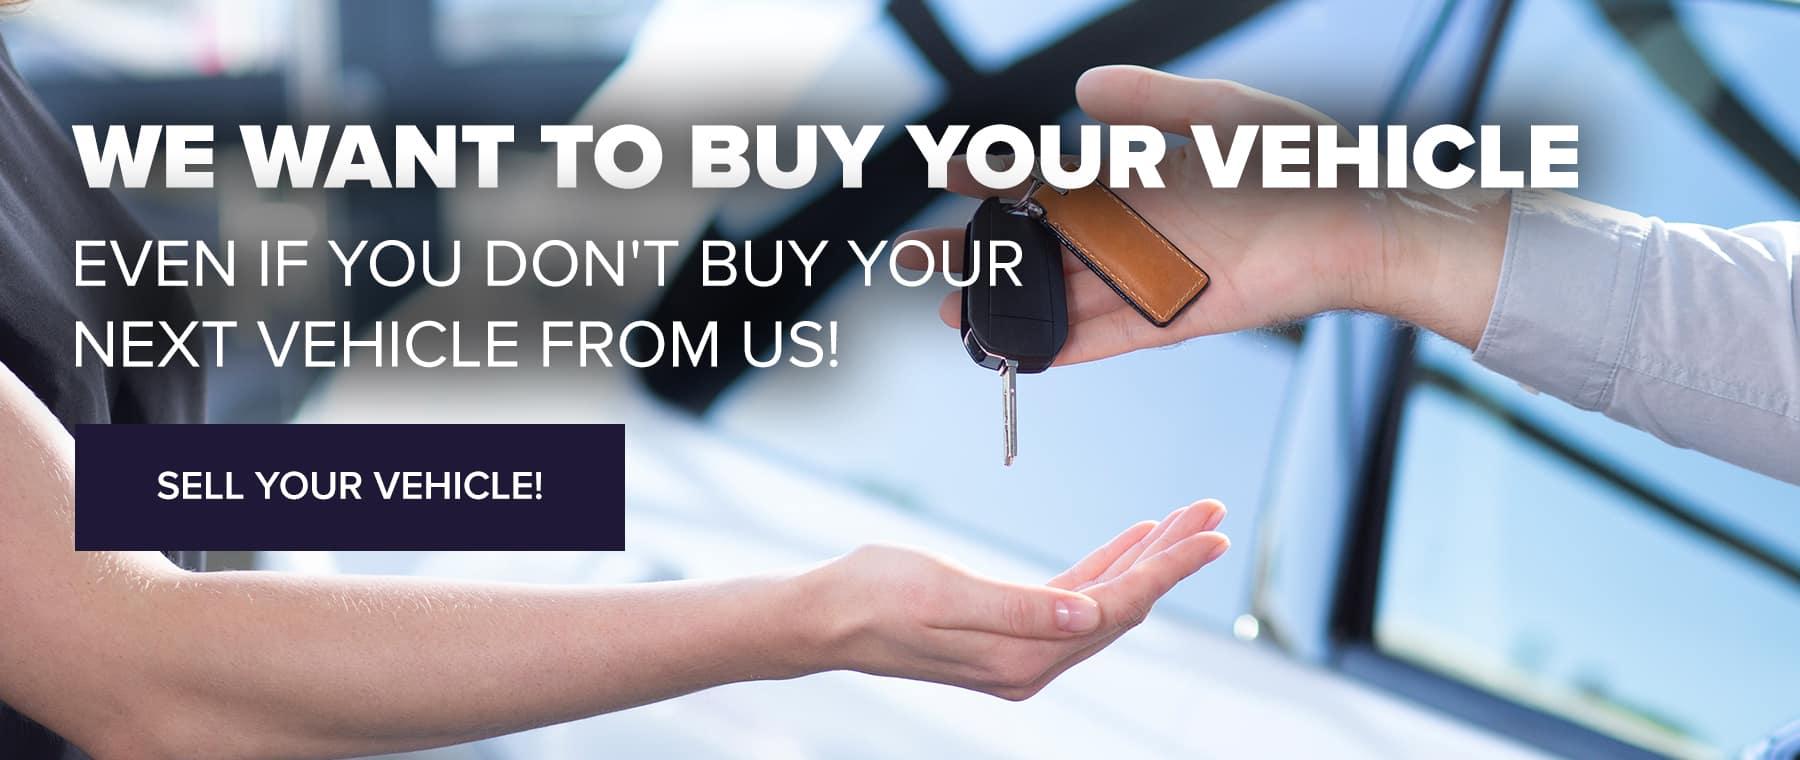 Buy Your Vehicle